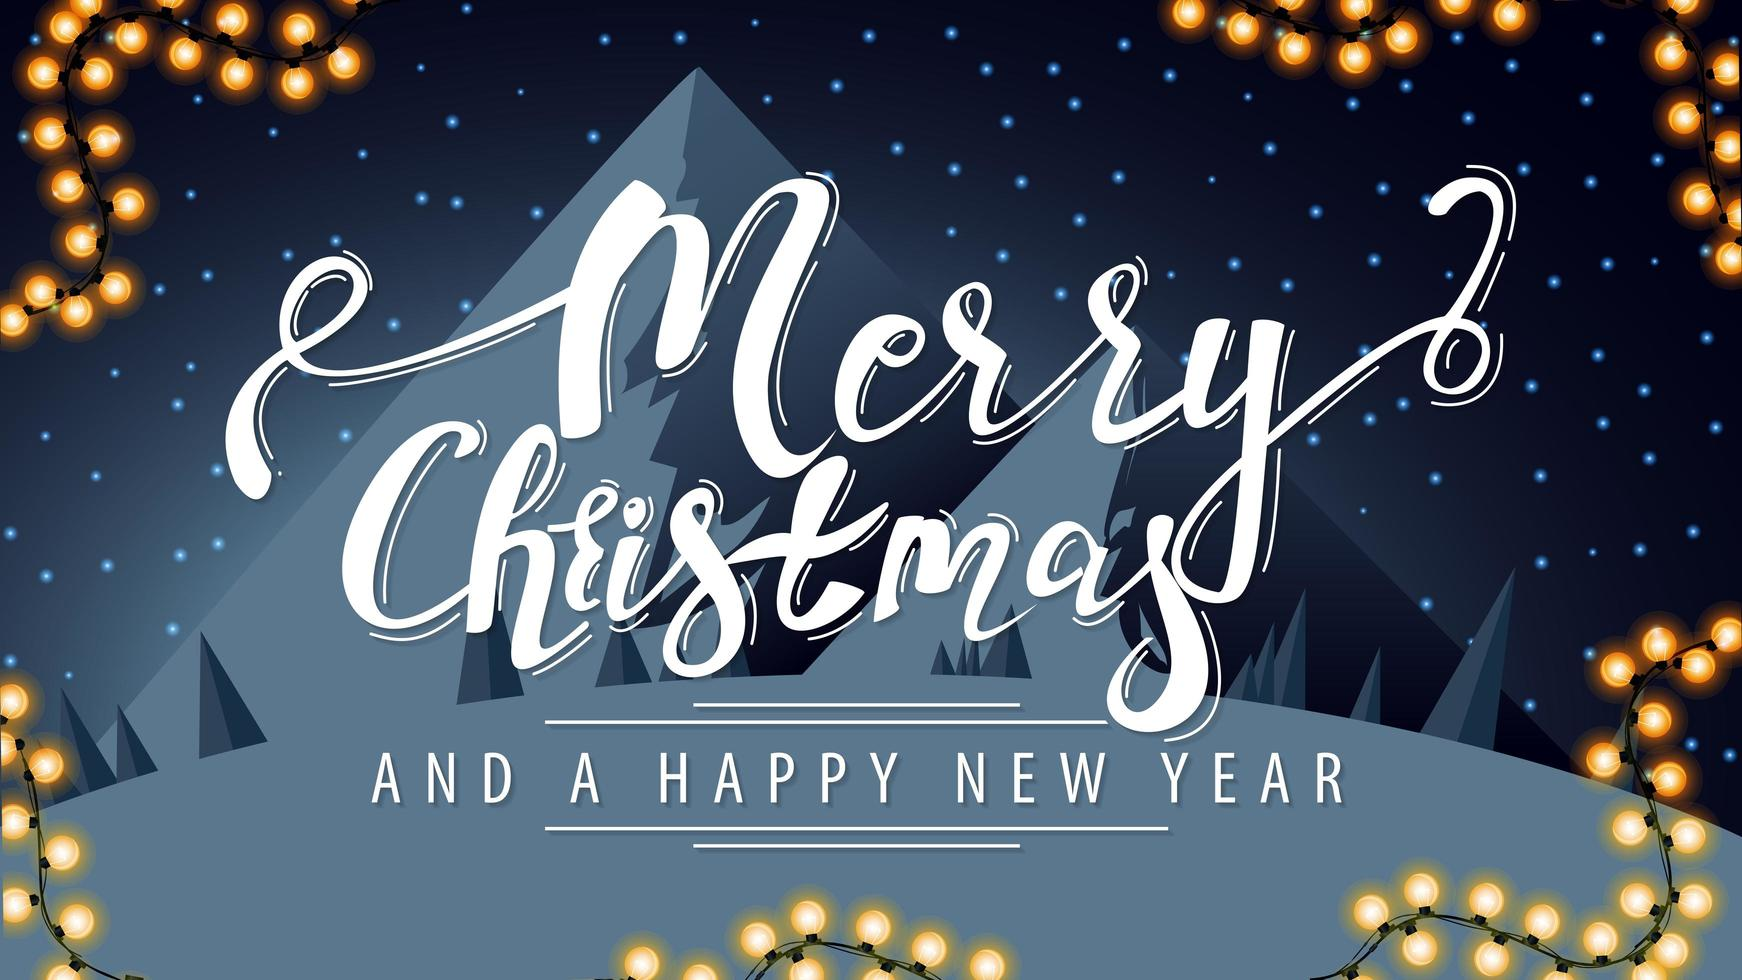 vrolijk kerstfeest, wenskaart met witte letters vector